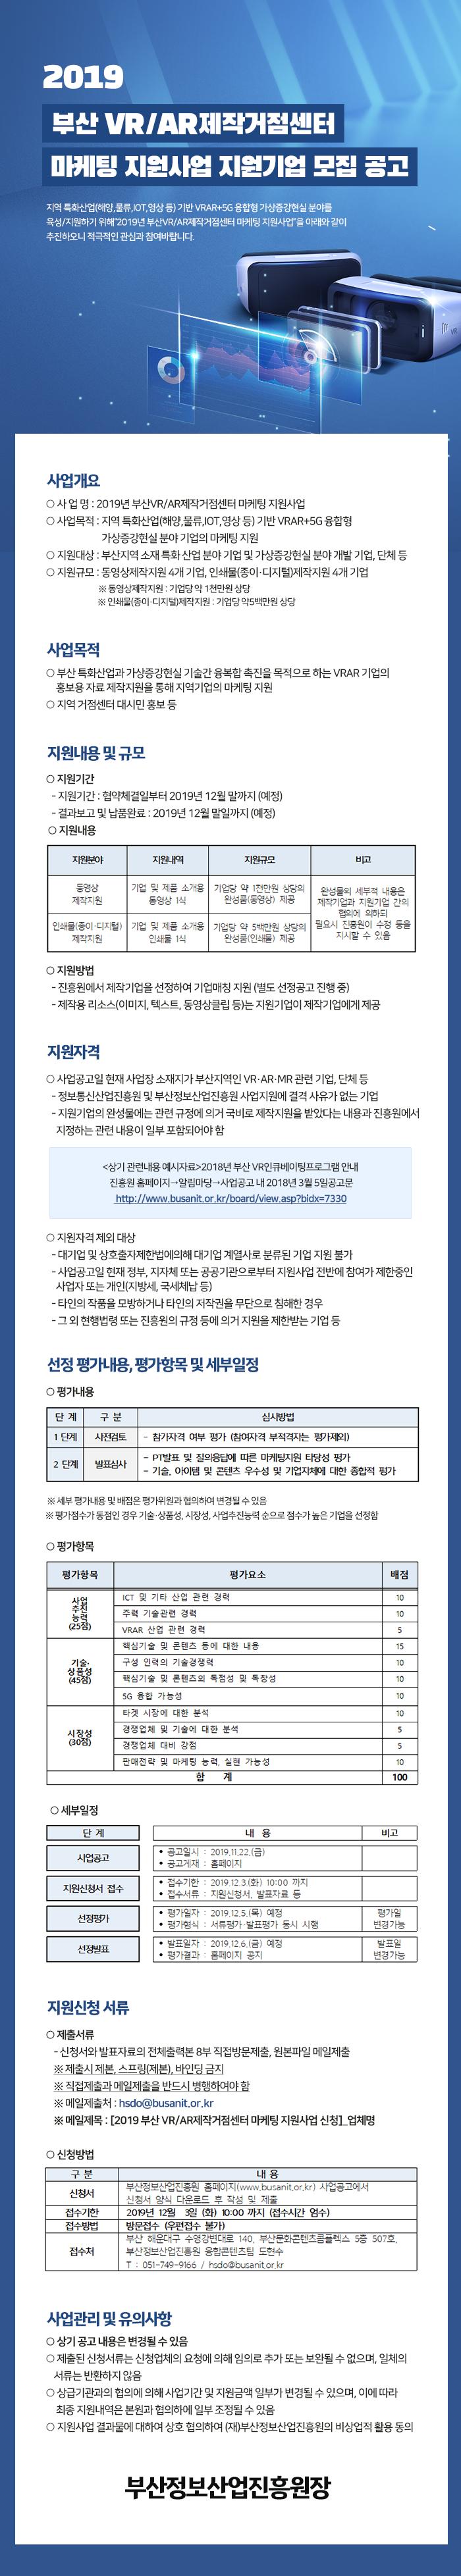 2019년 부산 VR/AR제작거점센터 마케팅 지원사업 지원기업 모집 공고